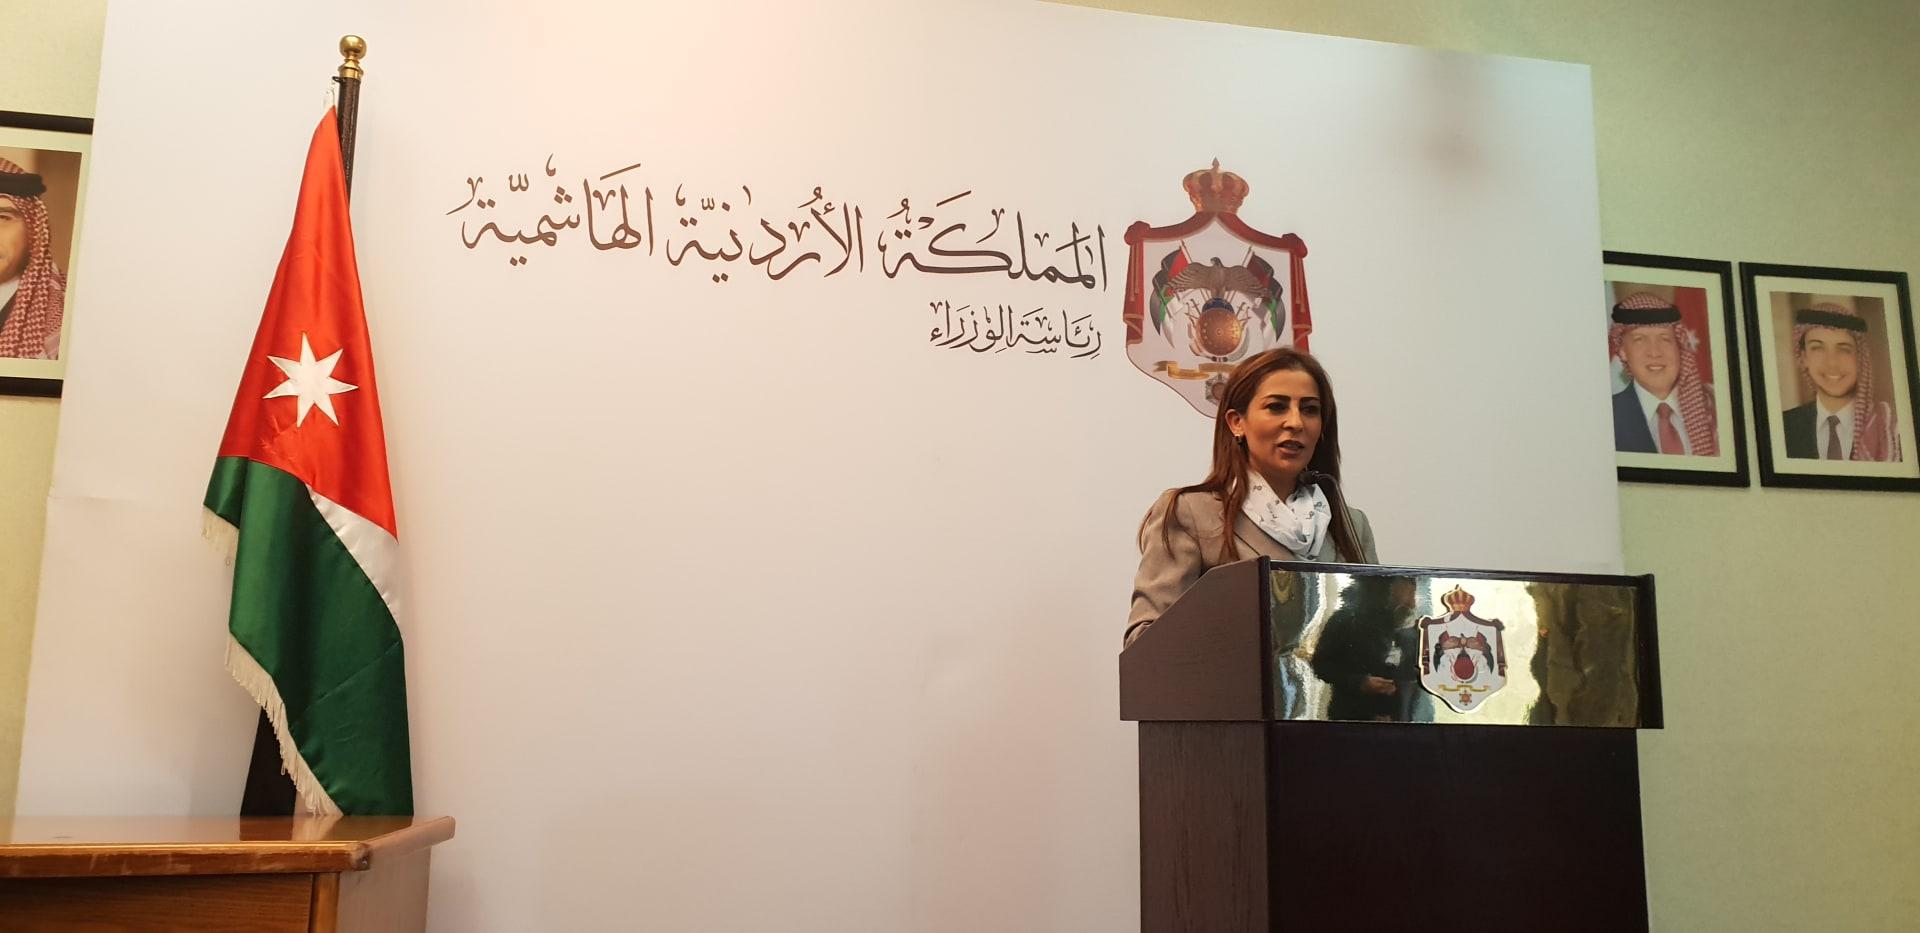 غنيمات: ملف قناة البحرين مفتوح.. ولا أزمة مع العراق